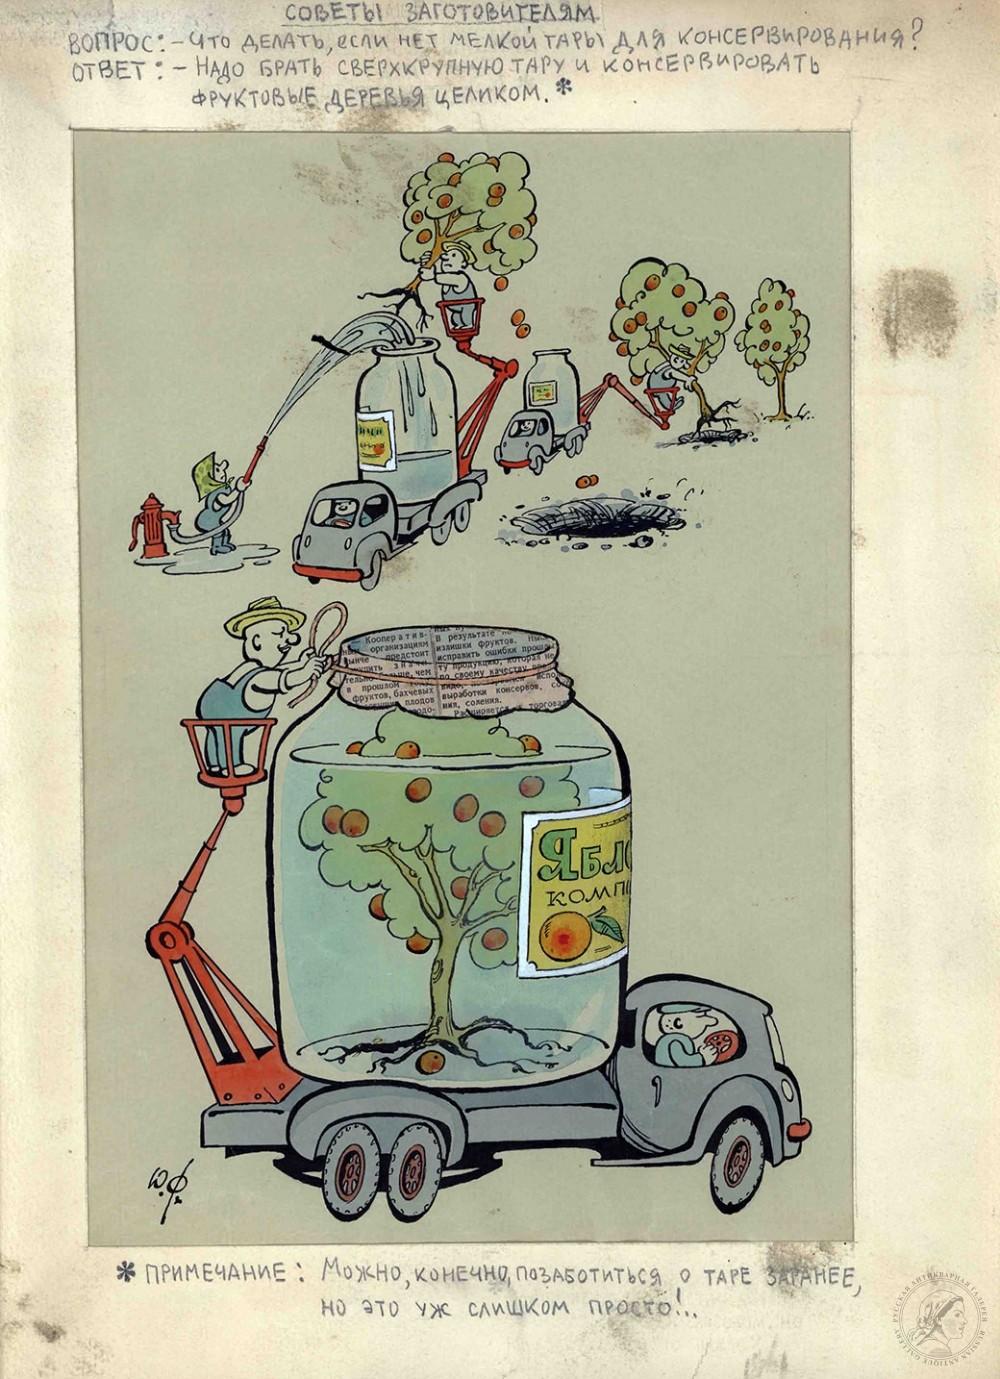 Карикатура к журналу крокодил «Совет заготовителям»